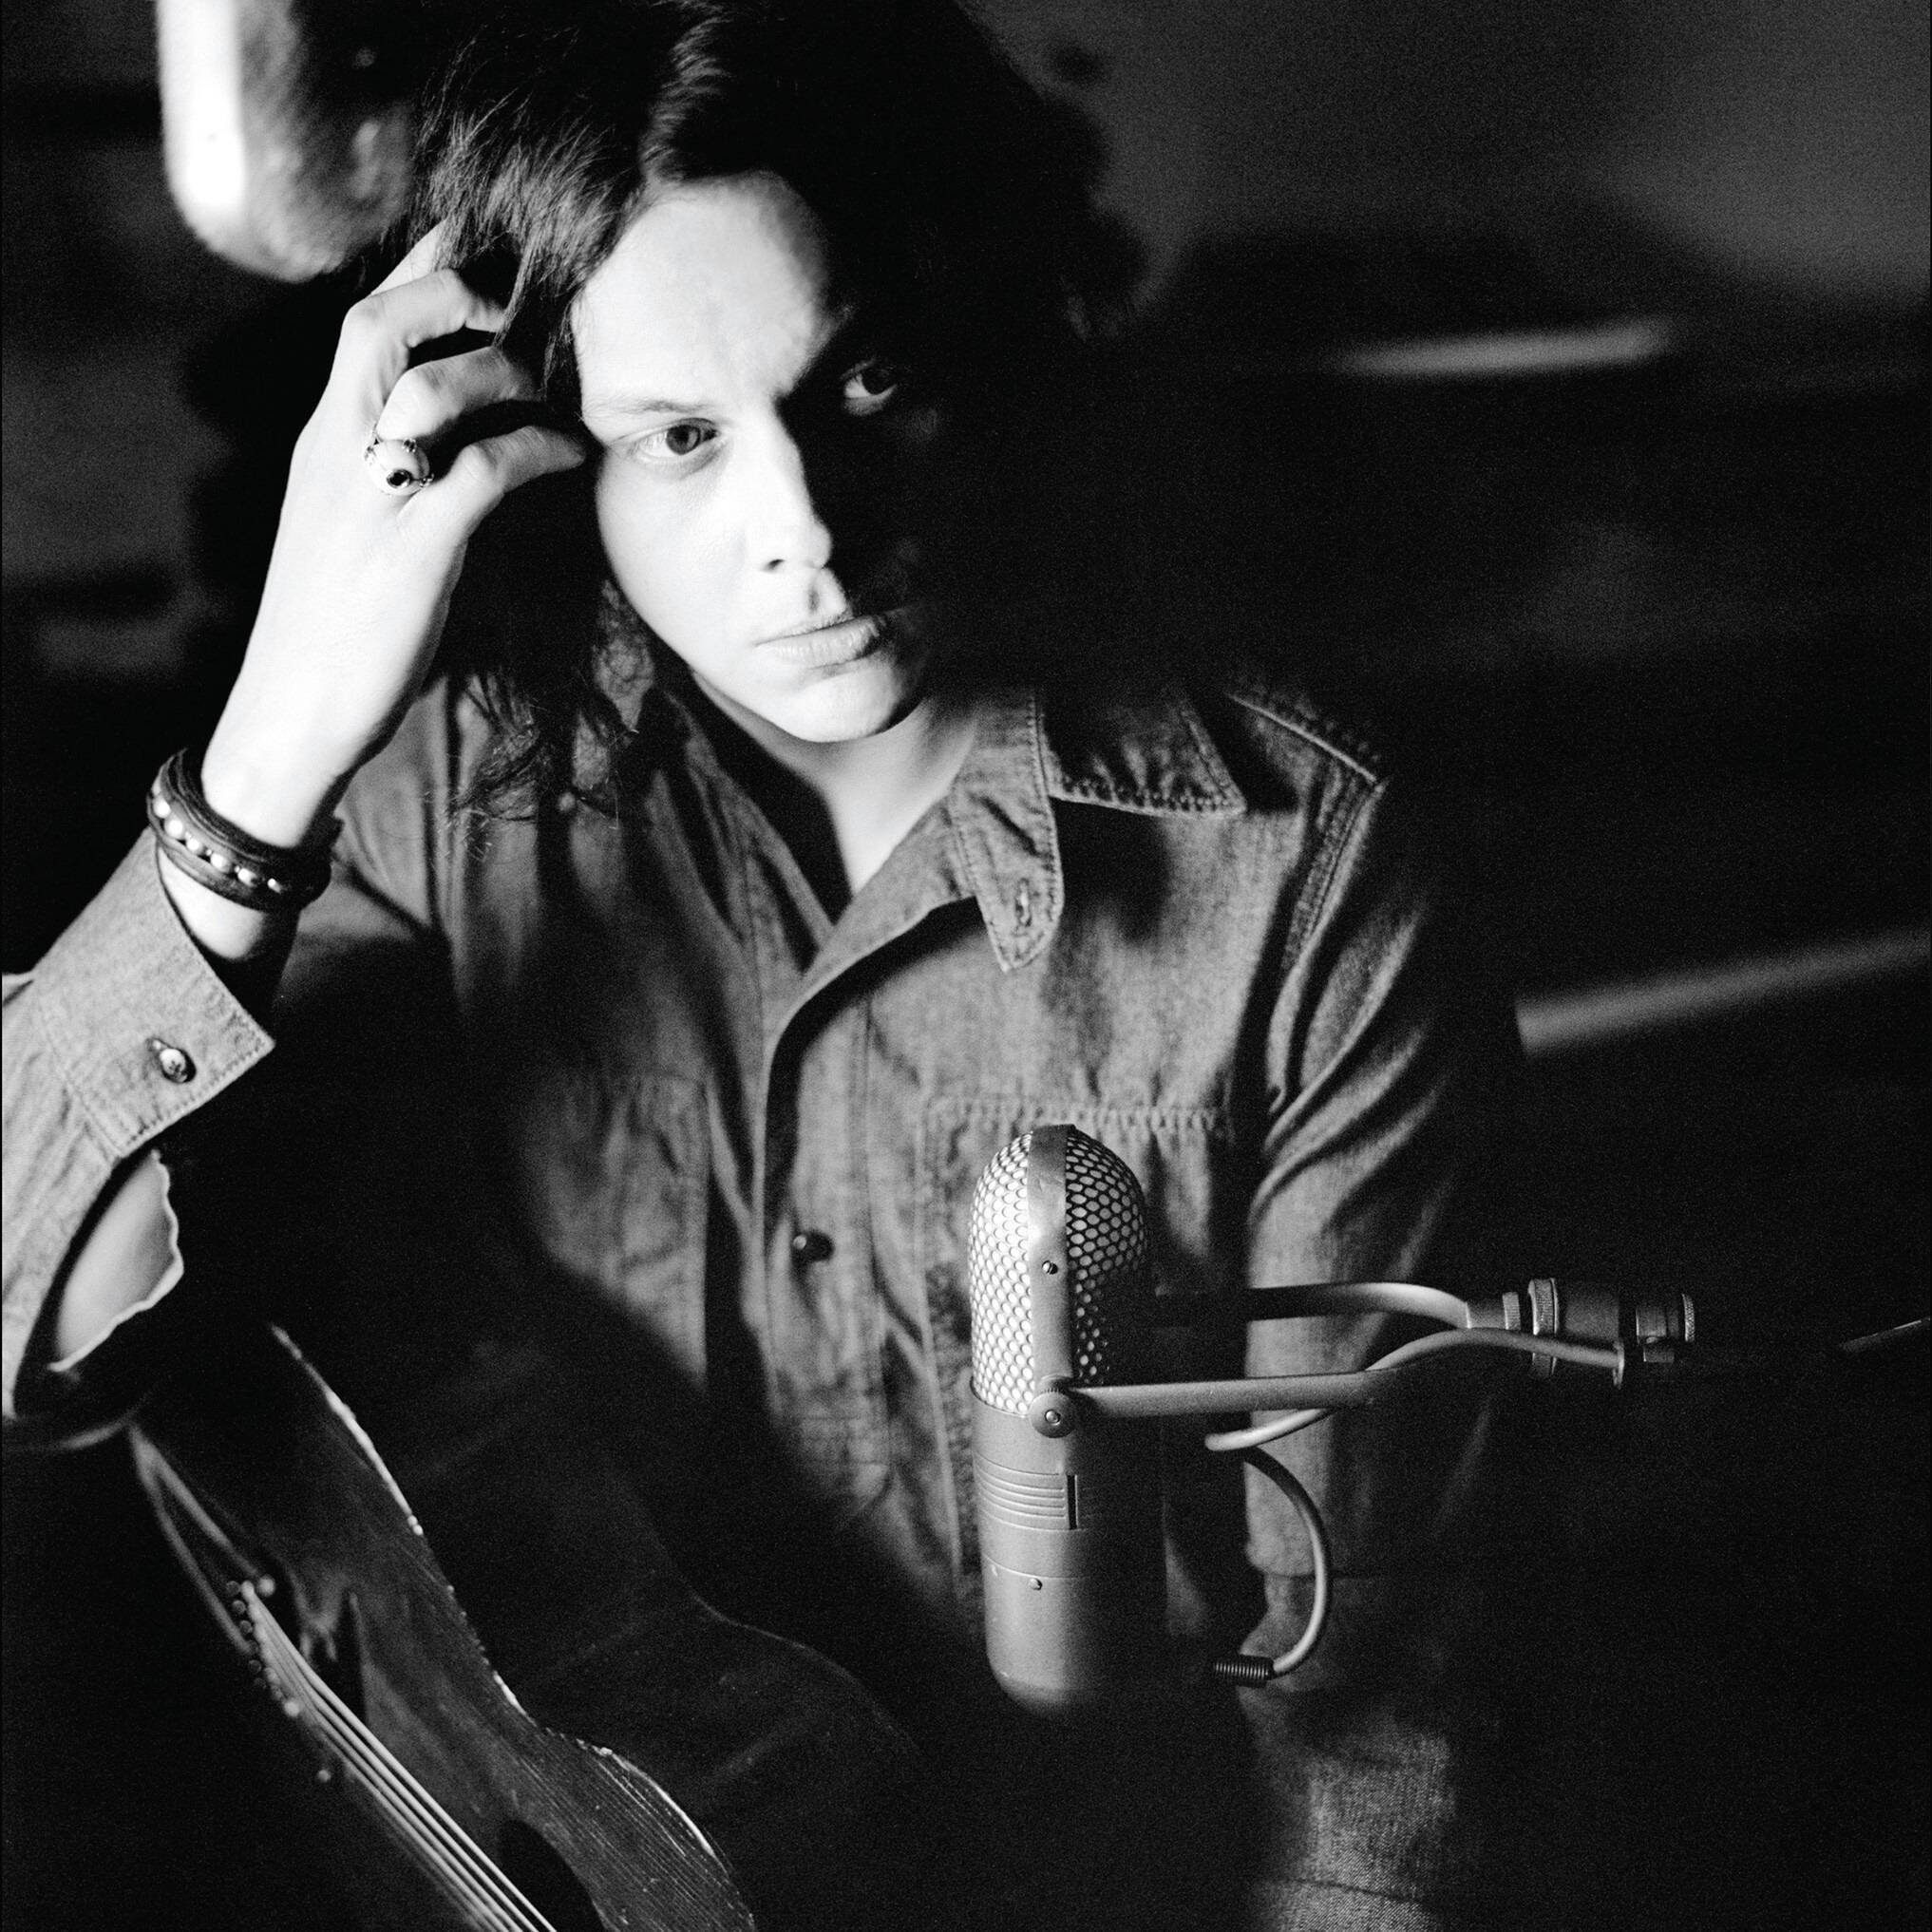 O músico Jack White, que é mais conhecido como o vocalista dos White Stripes, falou anteriormente em entrevistas sobre como quase escolheu uma carreira muito diferente. (Foto: Divulgação)